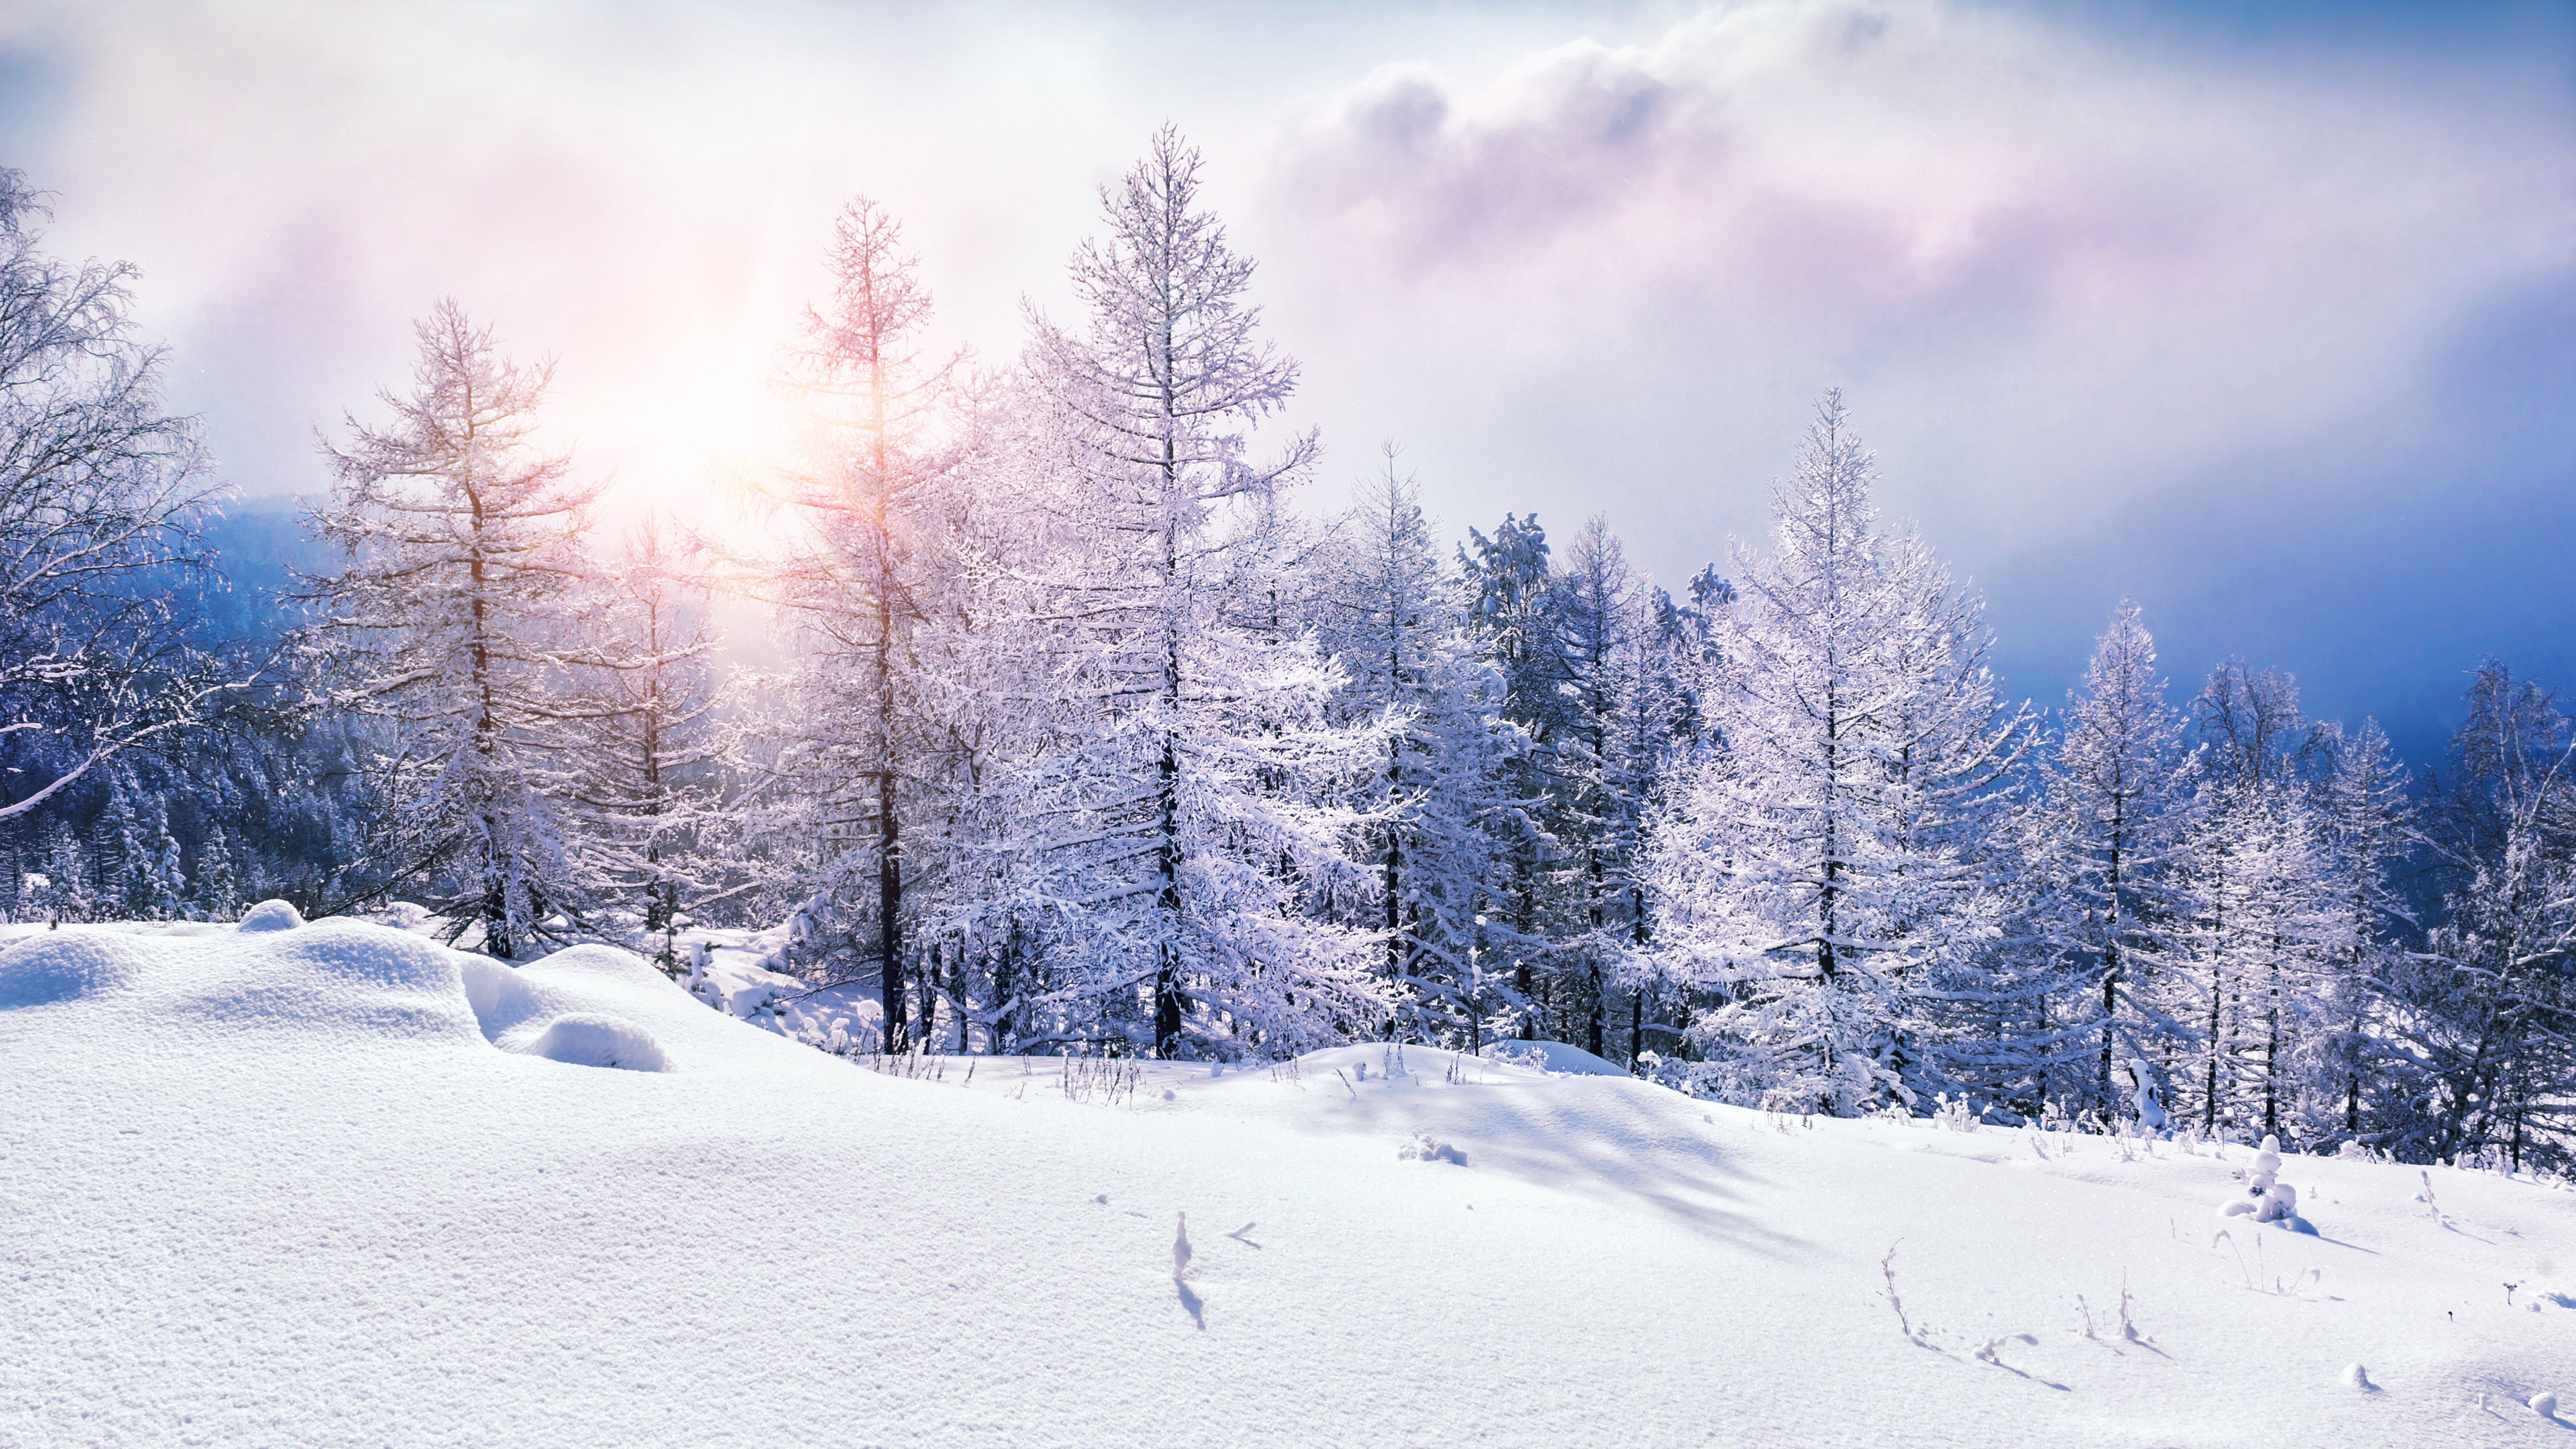 Fondos de pantalla Pinos en invierno al atardecer